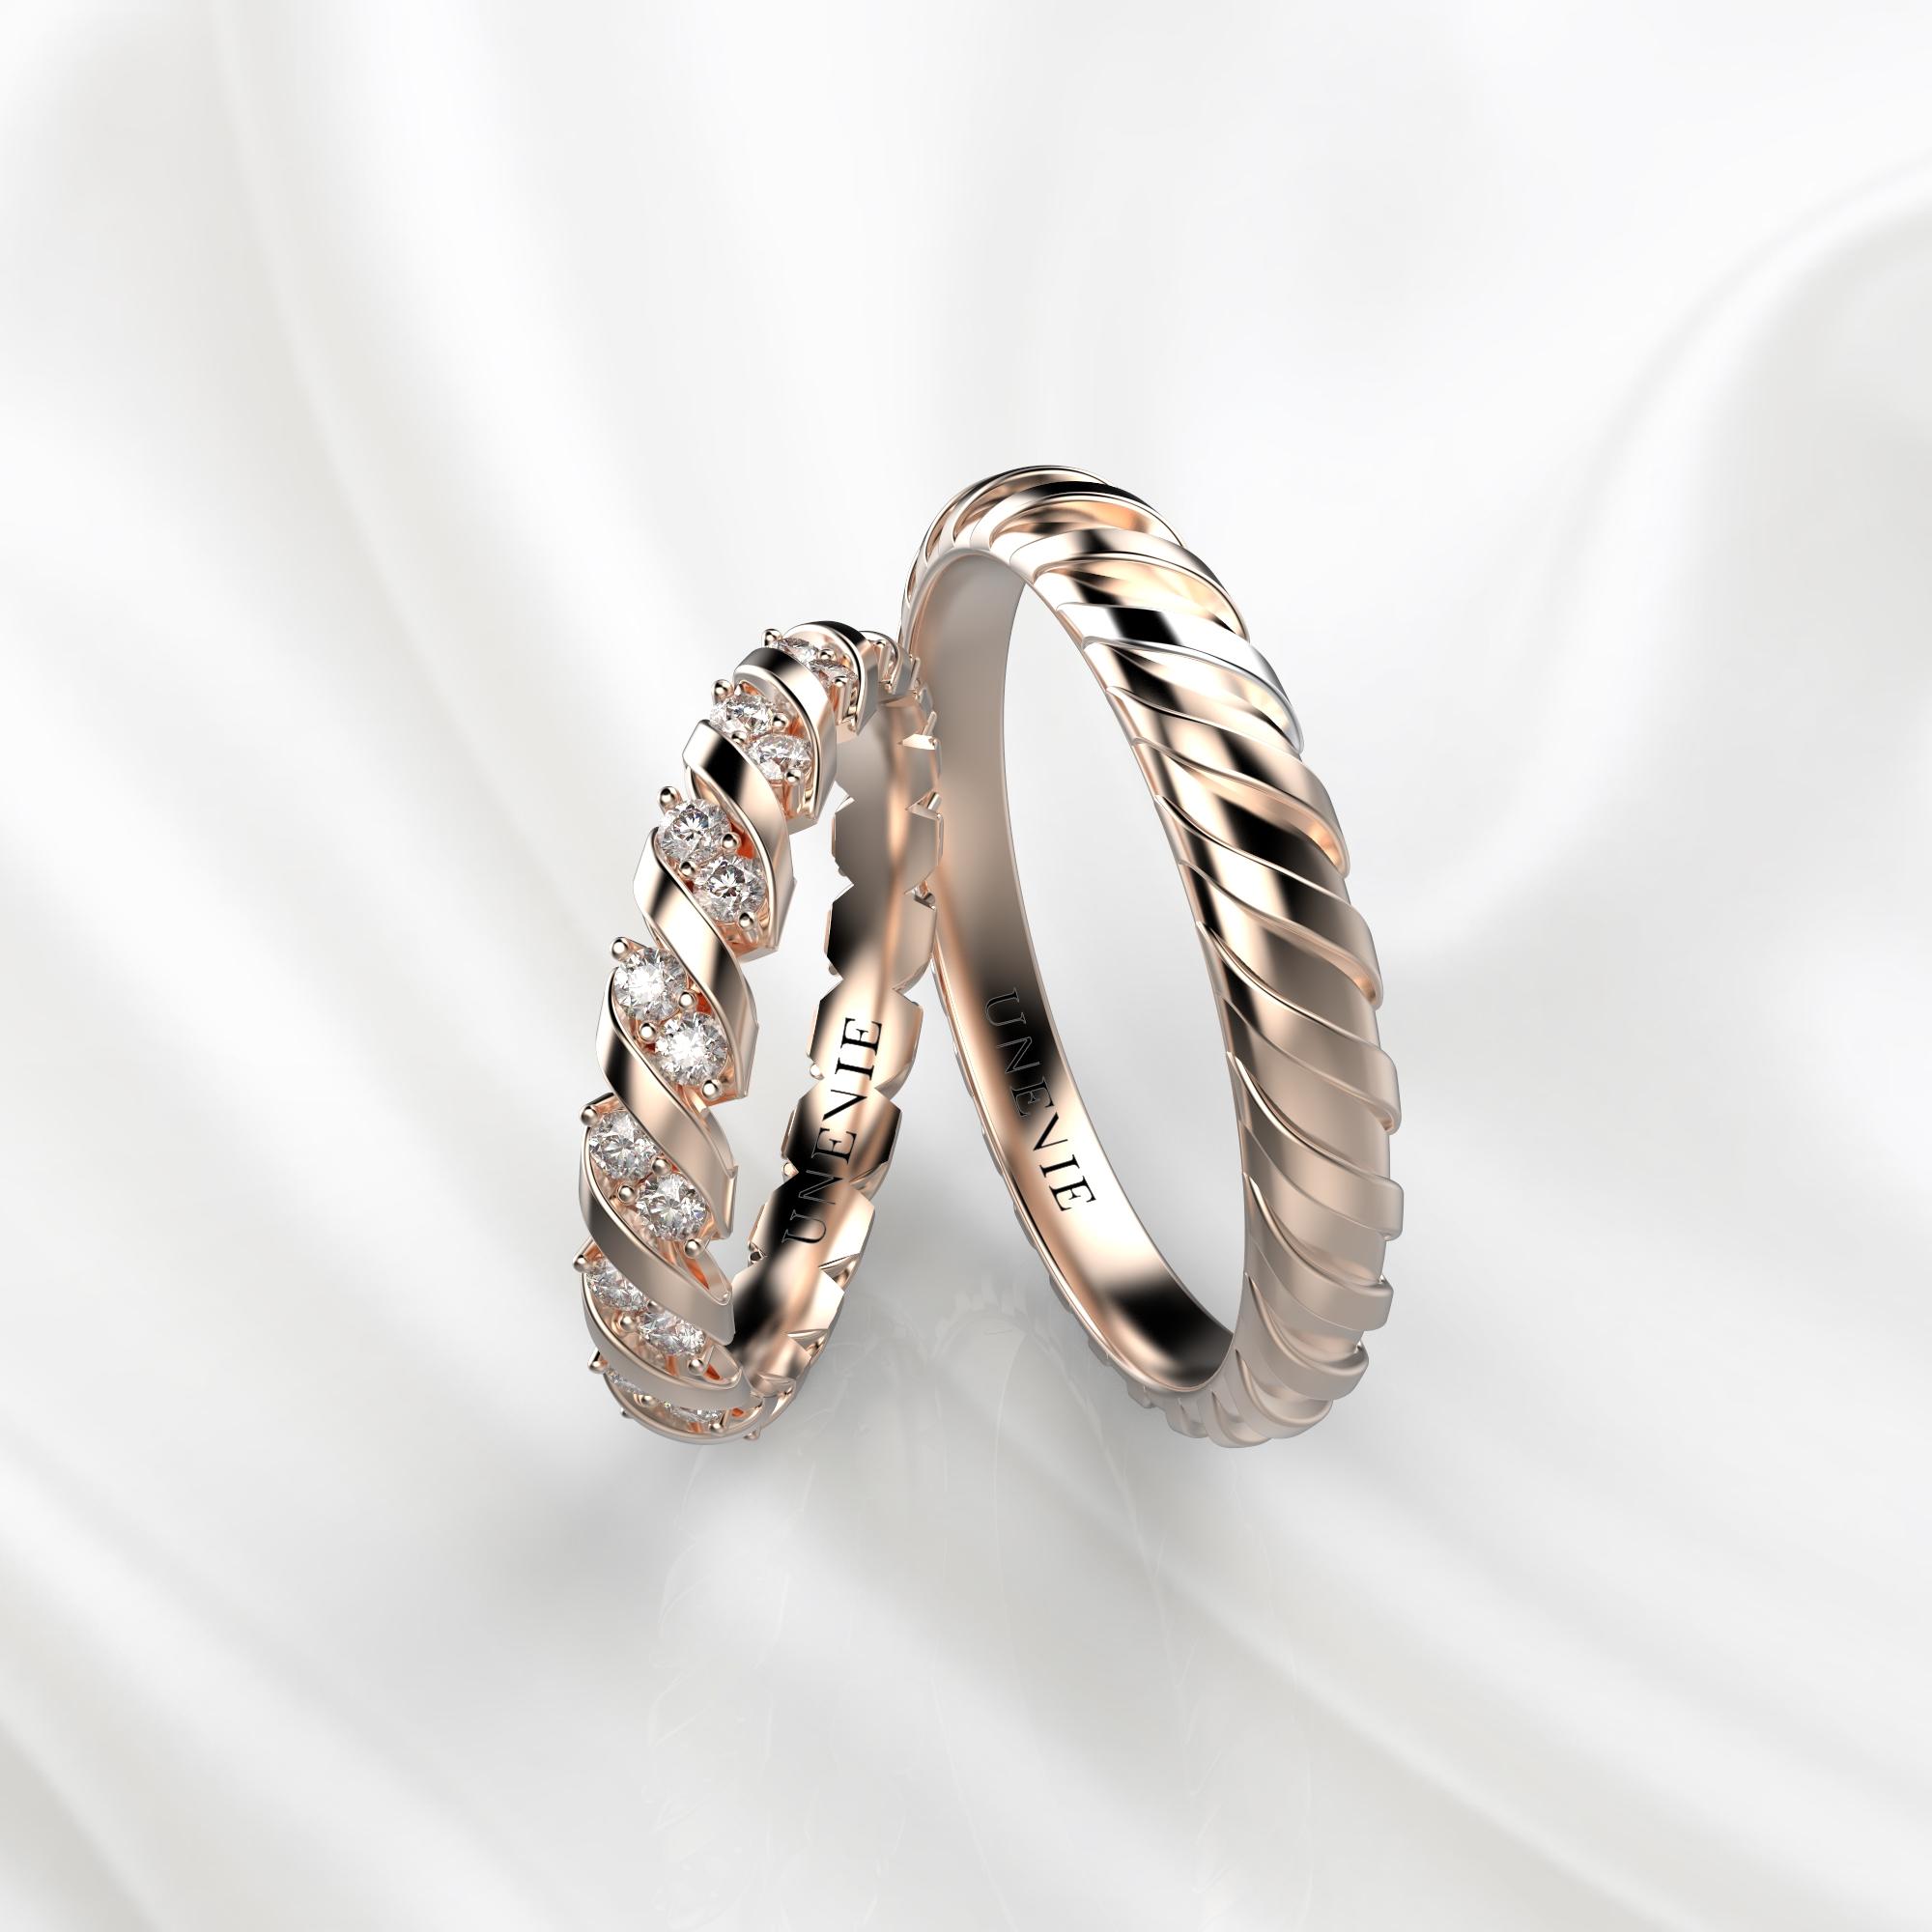 NV37 Обручальные кольца из розового золота с бриллиантами